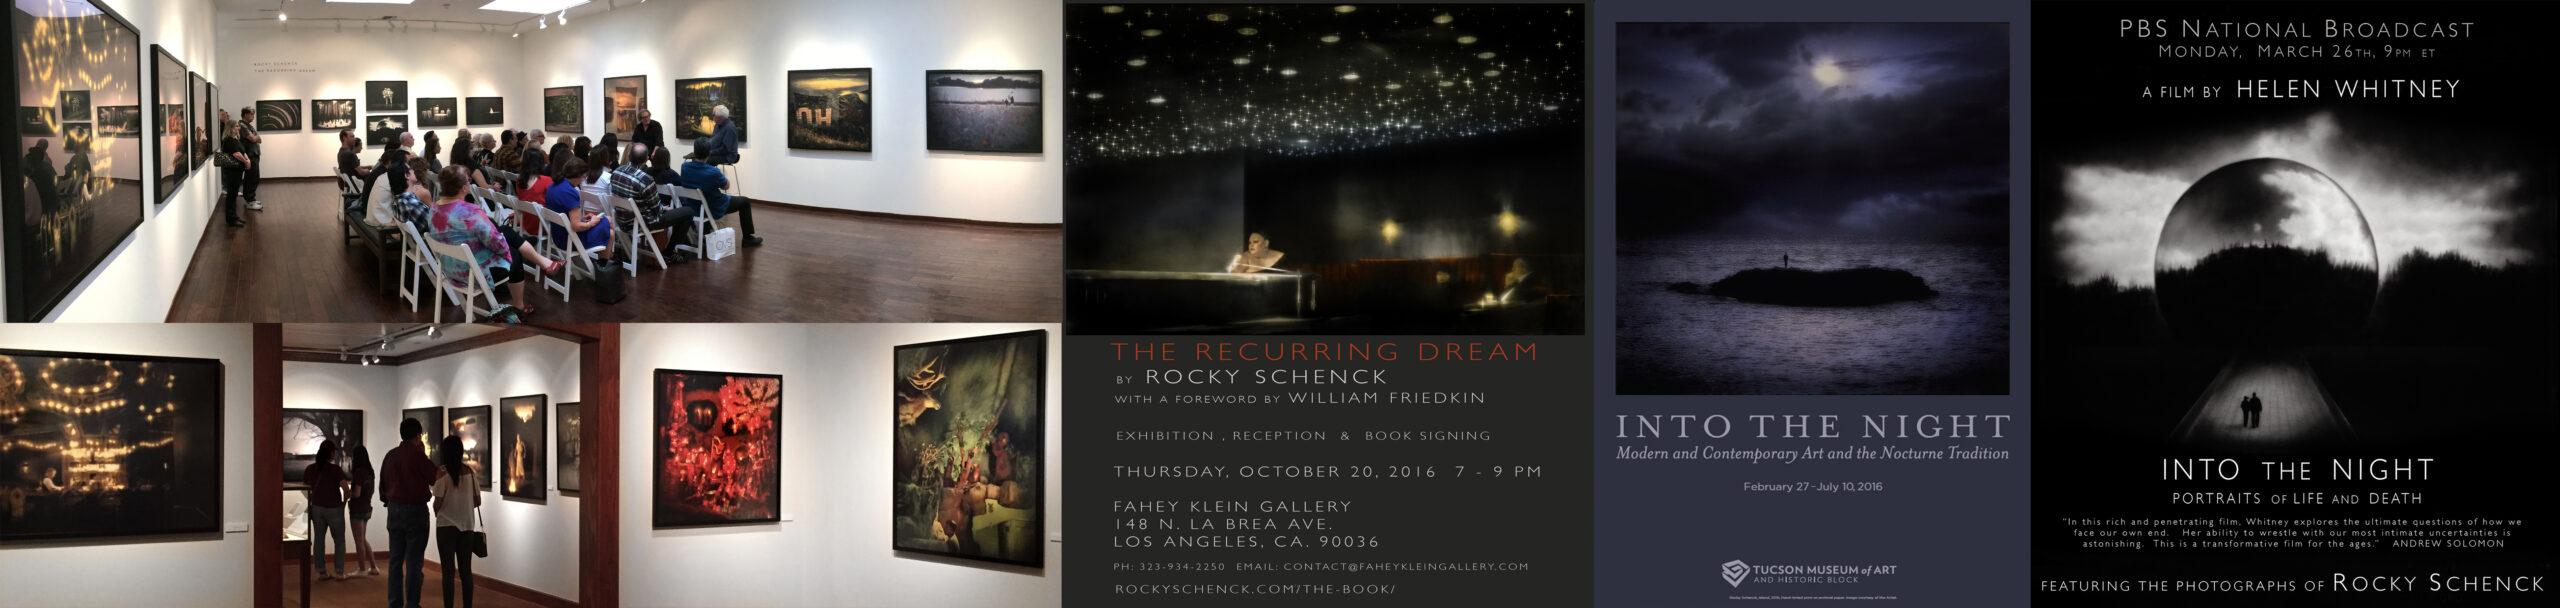 Rocky Schenck Art Galleries and Exhibitions